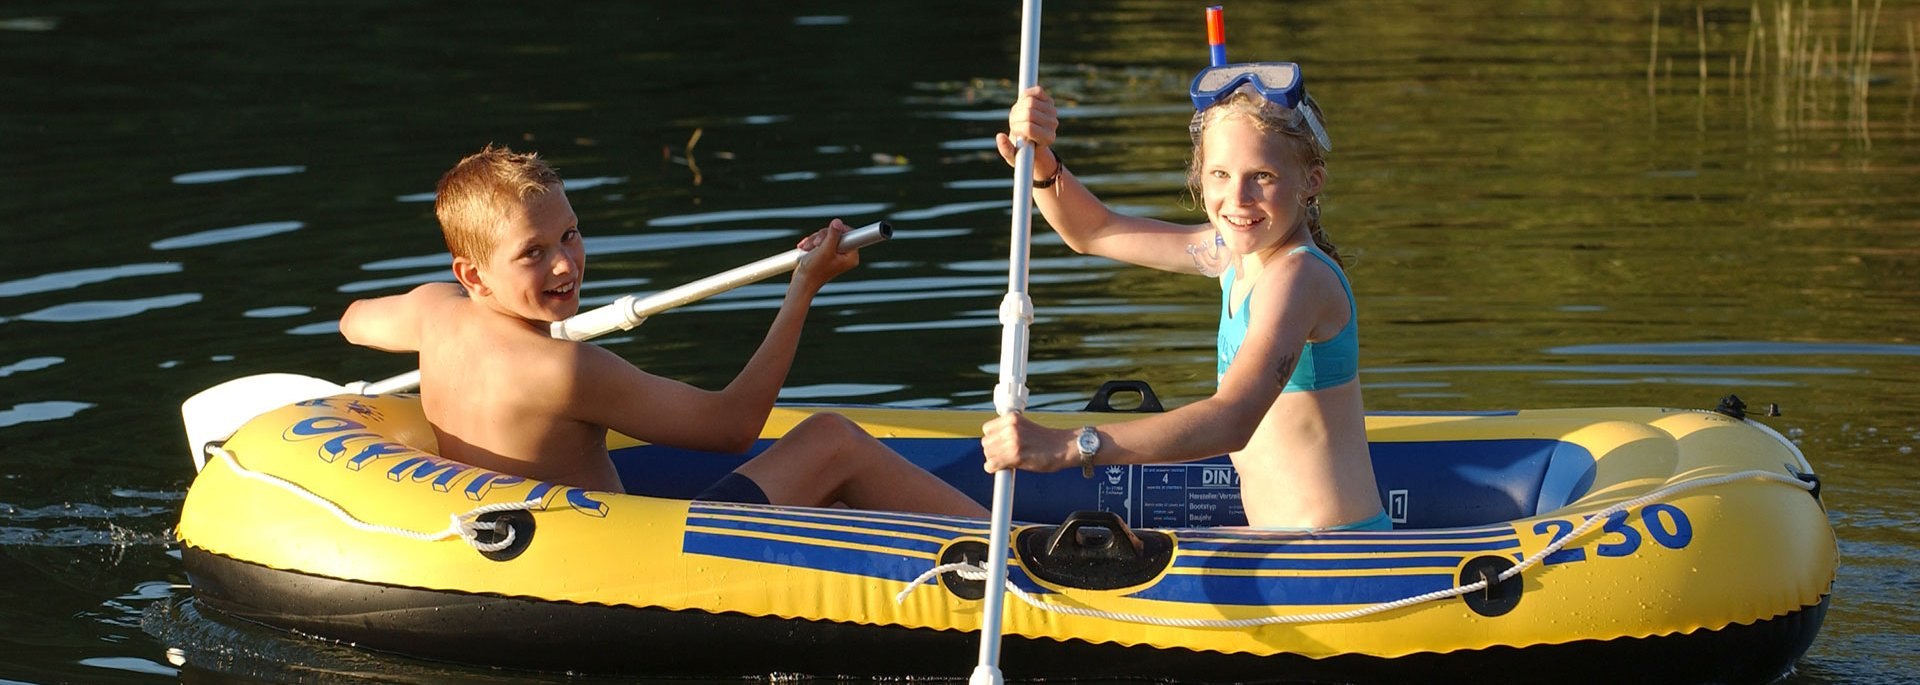 Kinder im Schlauchboot